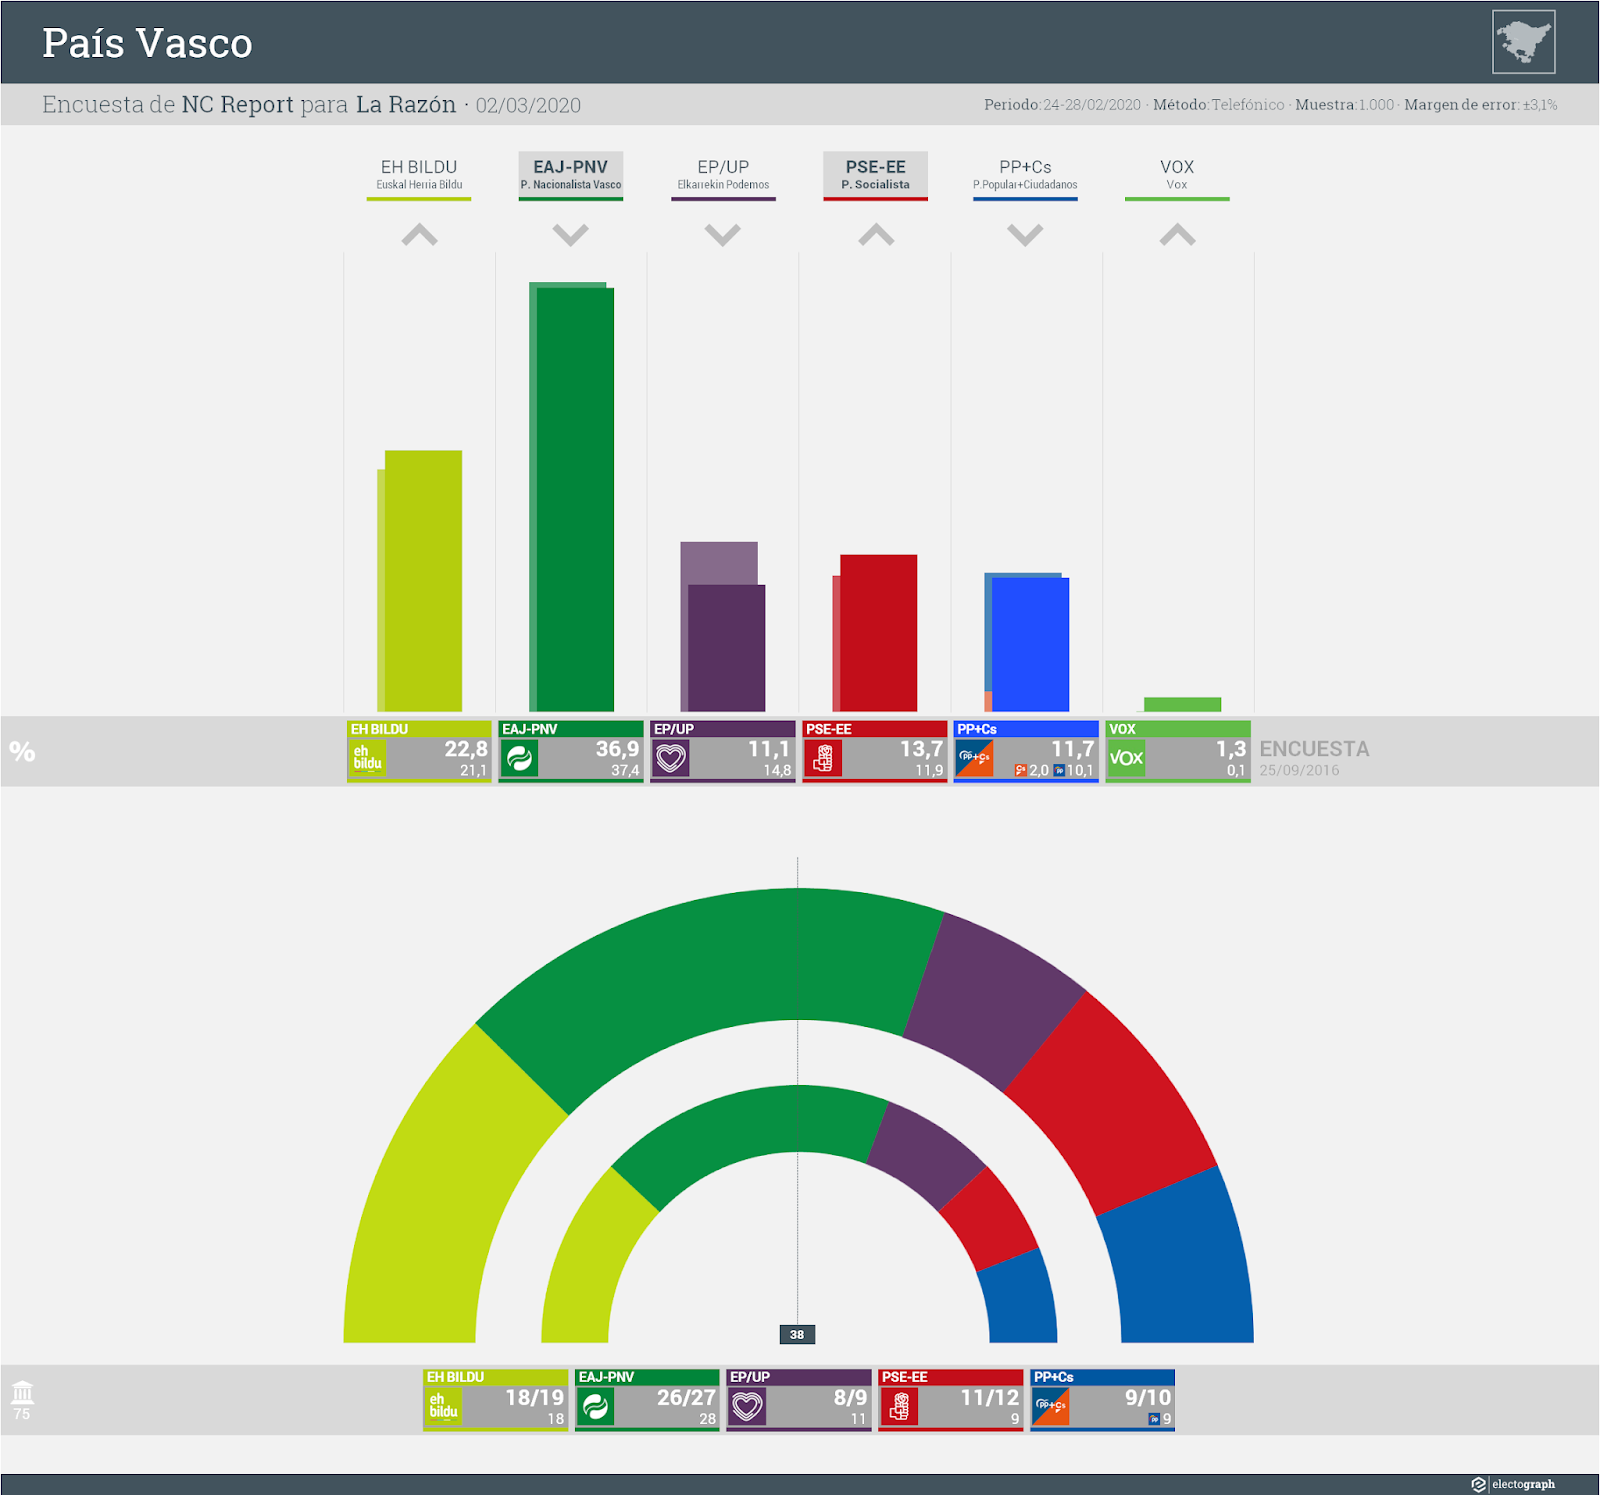 Gráfico de la encuesta para elecciones autonómicas en el País Vasco realizada por NC Report para La Razón, 2 de marzo de 2020